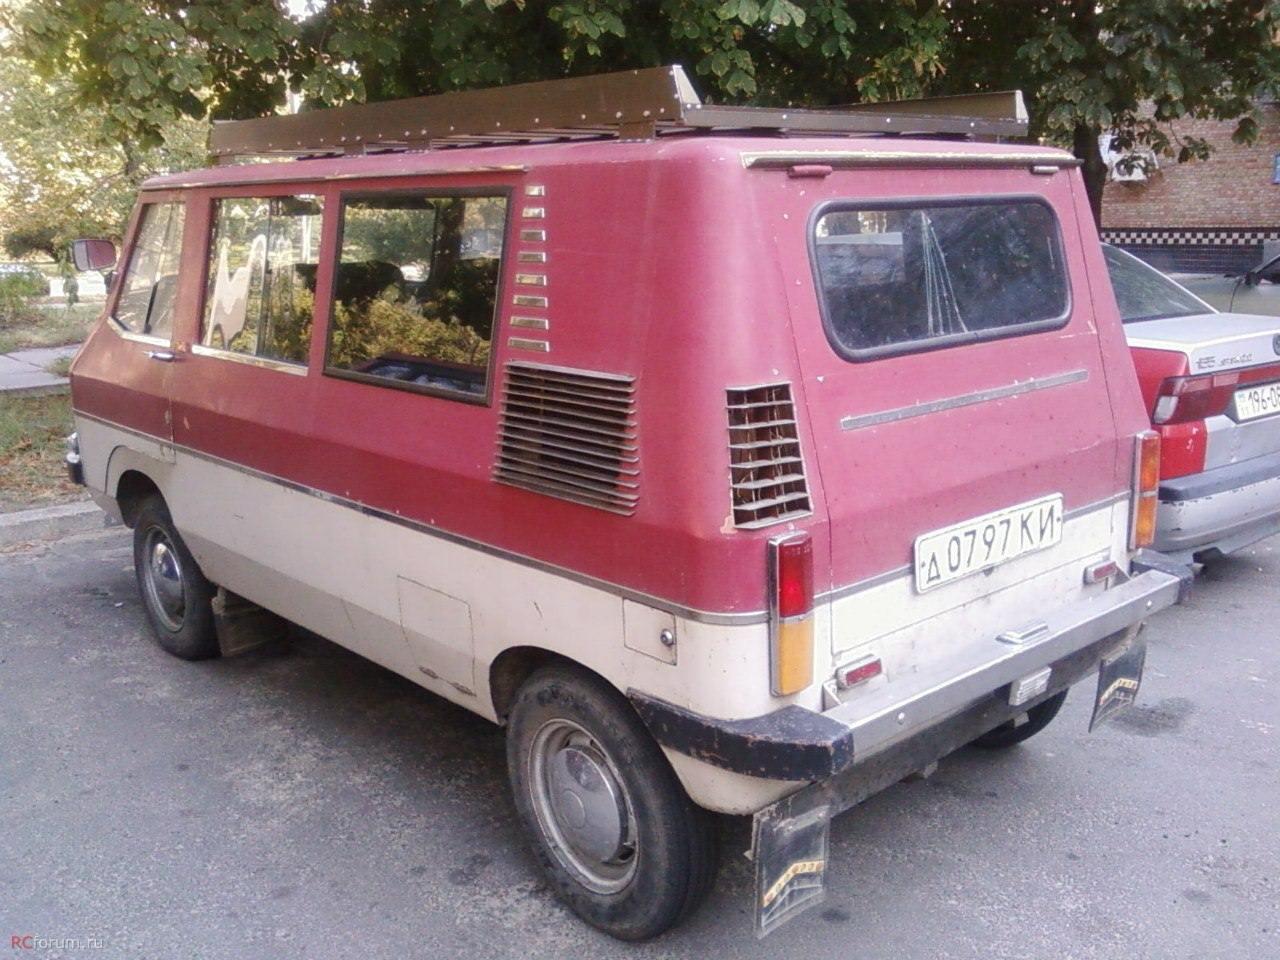 1980 (?). САМАВТО. Украина. Киевская область. Автор неизвестен